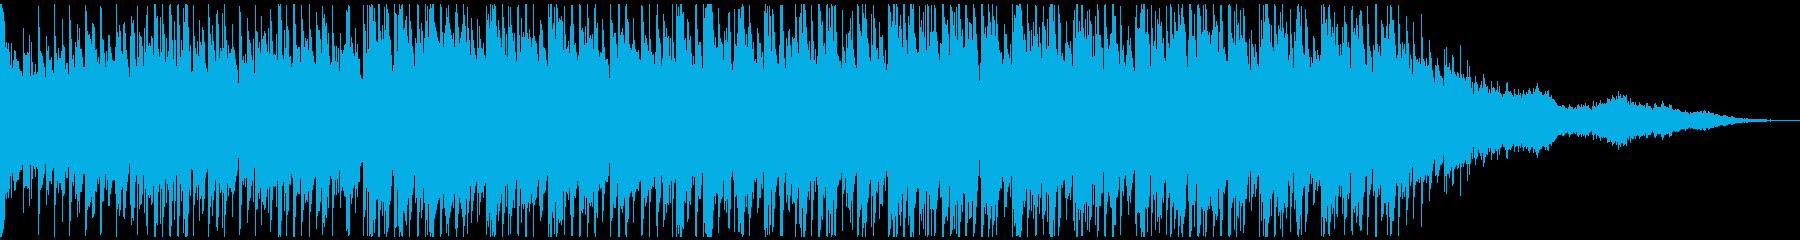 航海をイメージしたギターインストの再生済みの波形